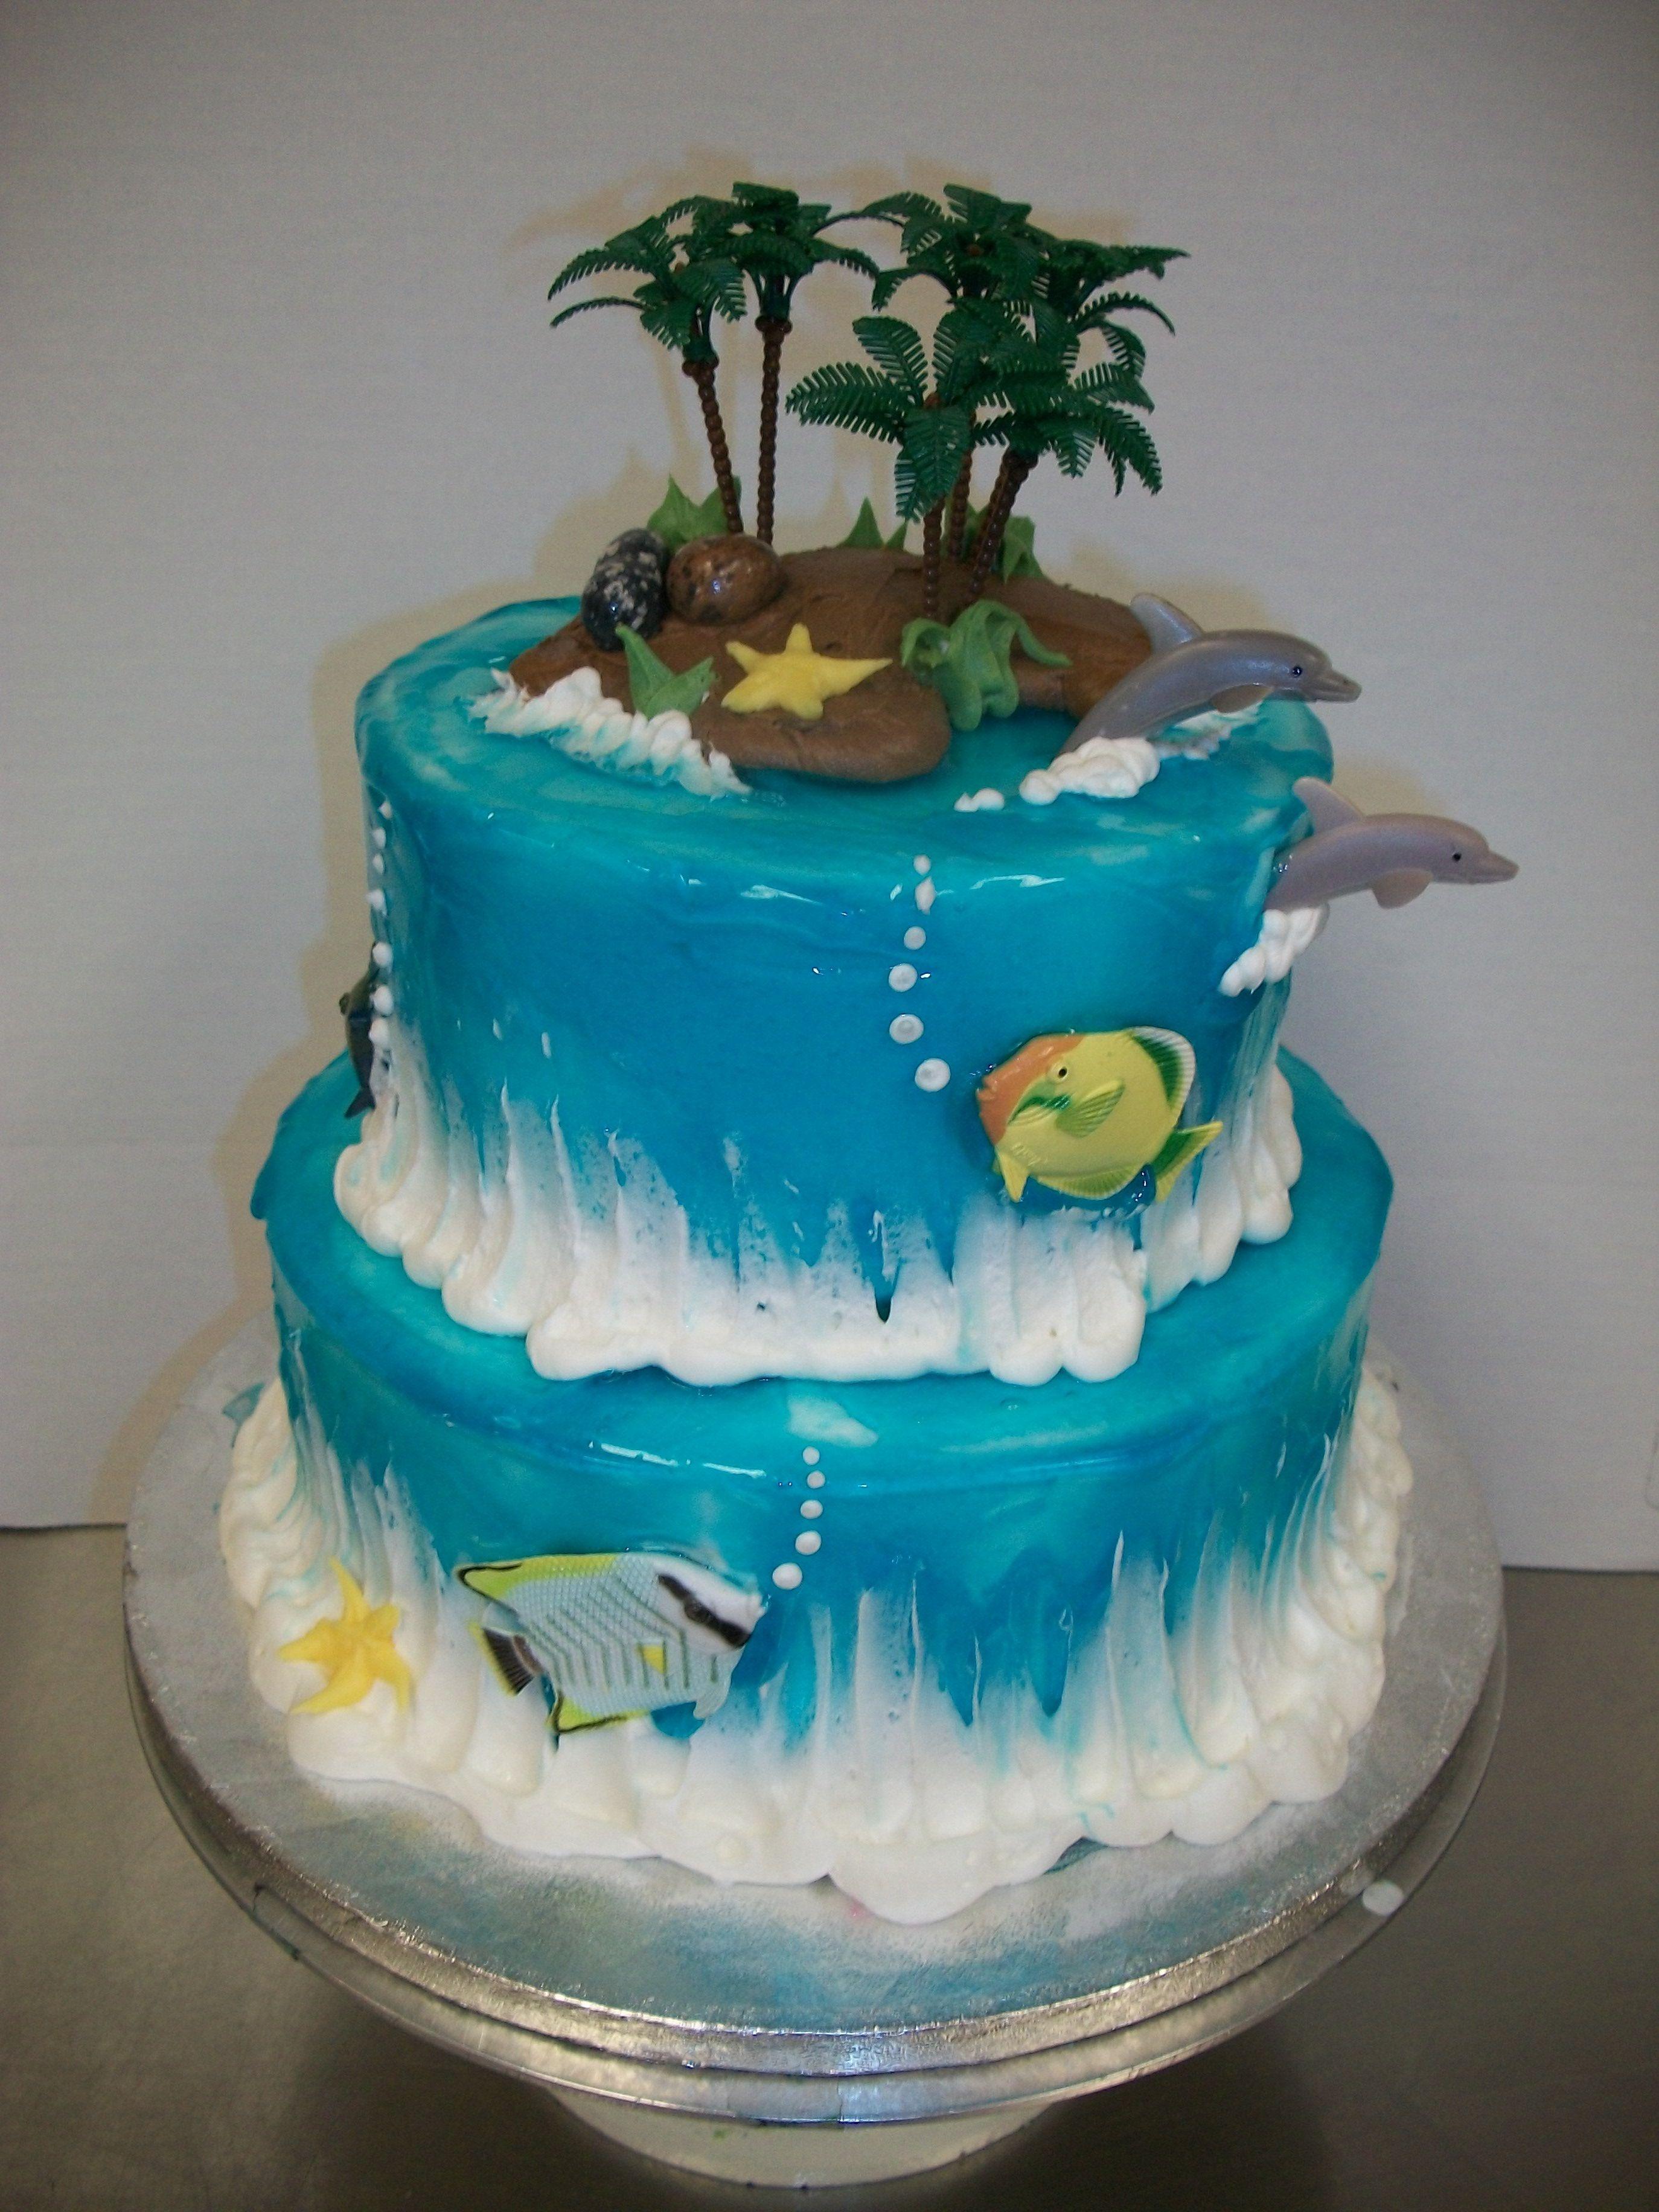 Surprising Ocean Cake Island Cake Ocean Cakes Ocean Birthday Cakes Personalised Birthday Cards Sponlily Jamesorg